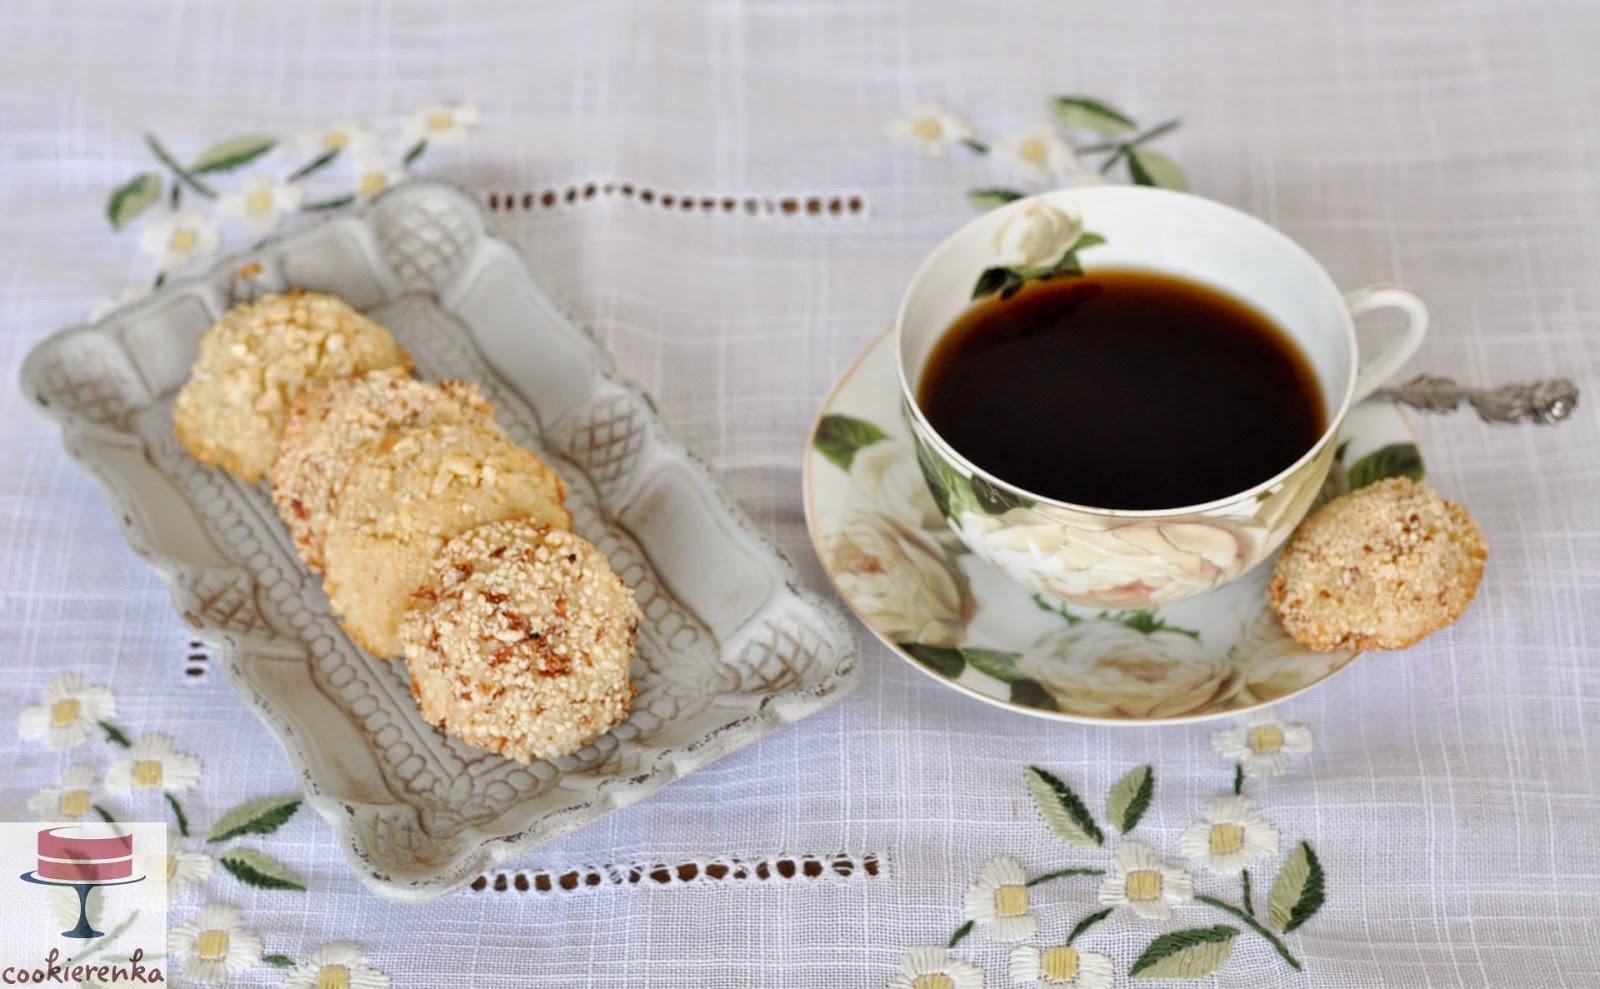 http://www.cookierenka.com/2014/06/miekkie-ciasteczka-migdaowe-recenzja.html